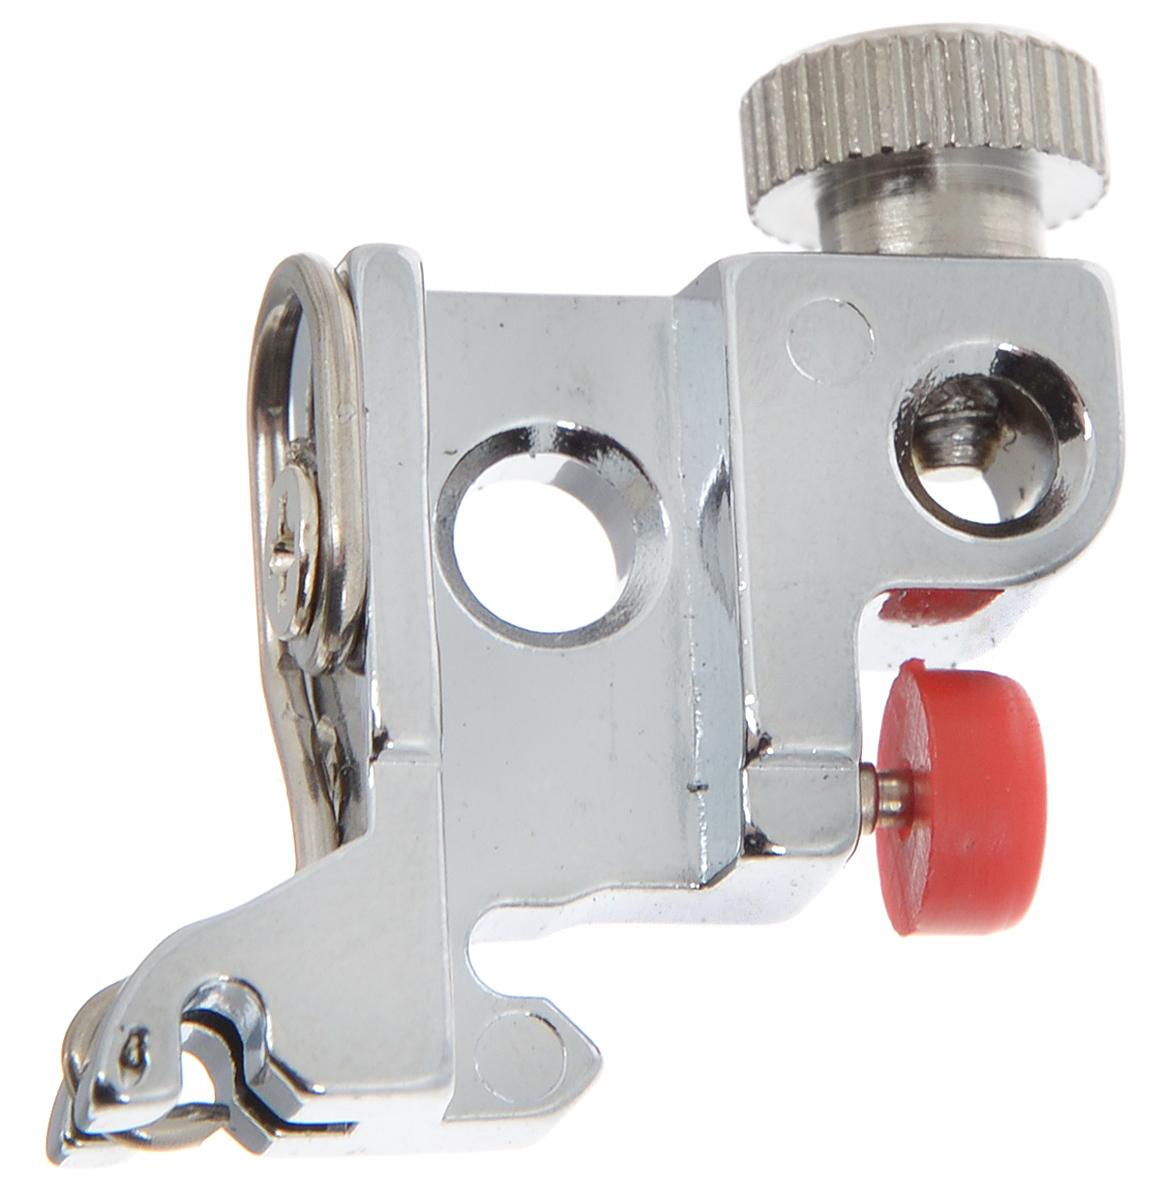 Держатель лапок для швейной машины Aurora, с адаптеромAU-153Держатель Aurora применяется для быстрой смены лапок для швейных машин. Он устанавливается под винт штока прижимной лапки. Подходит для большинствасовременных бытовых швейныхмашин. Инструкция по использованию прилагается.